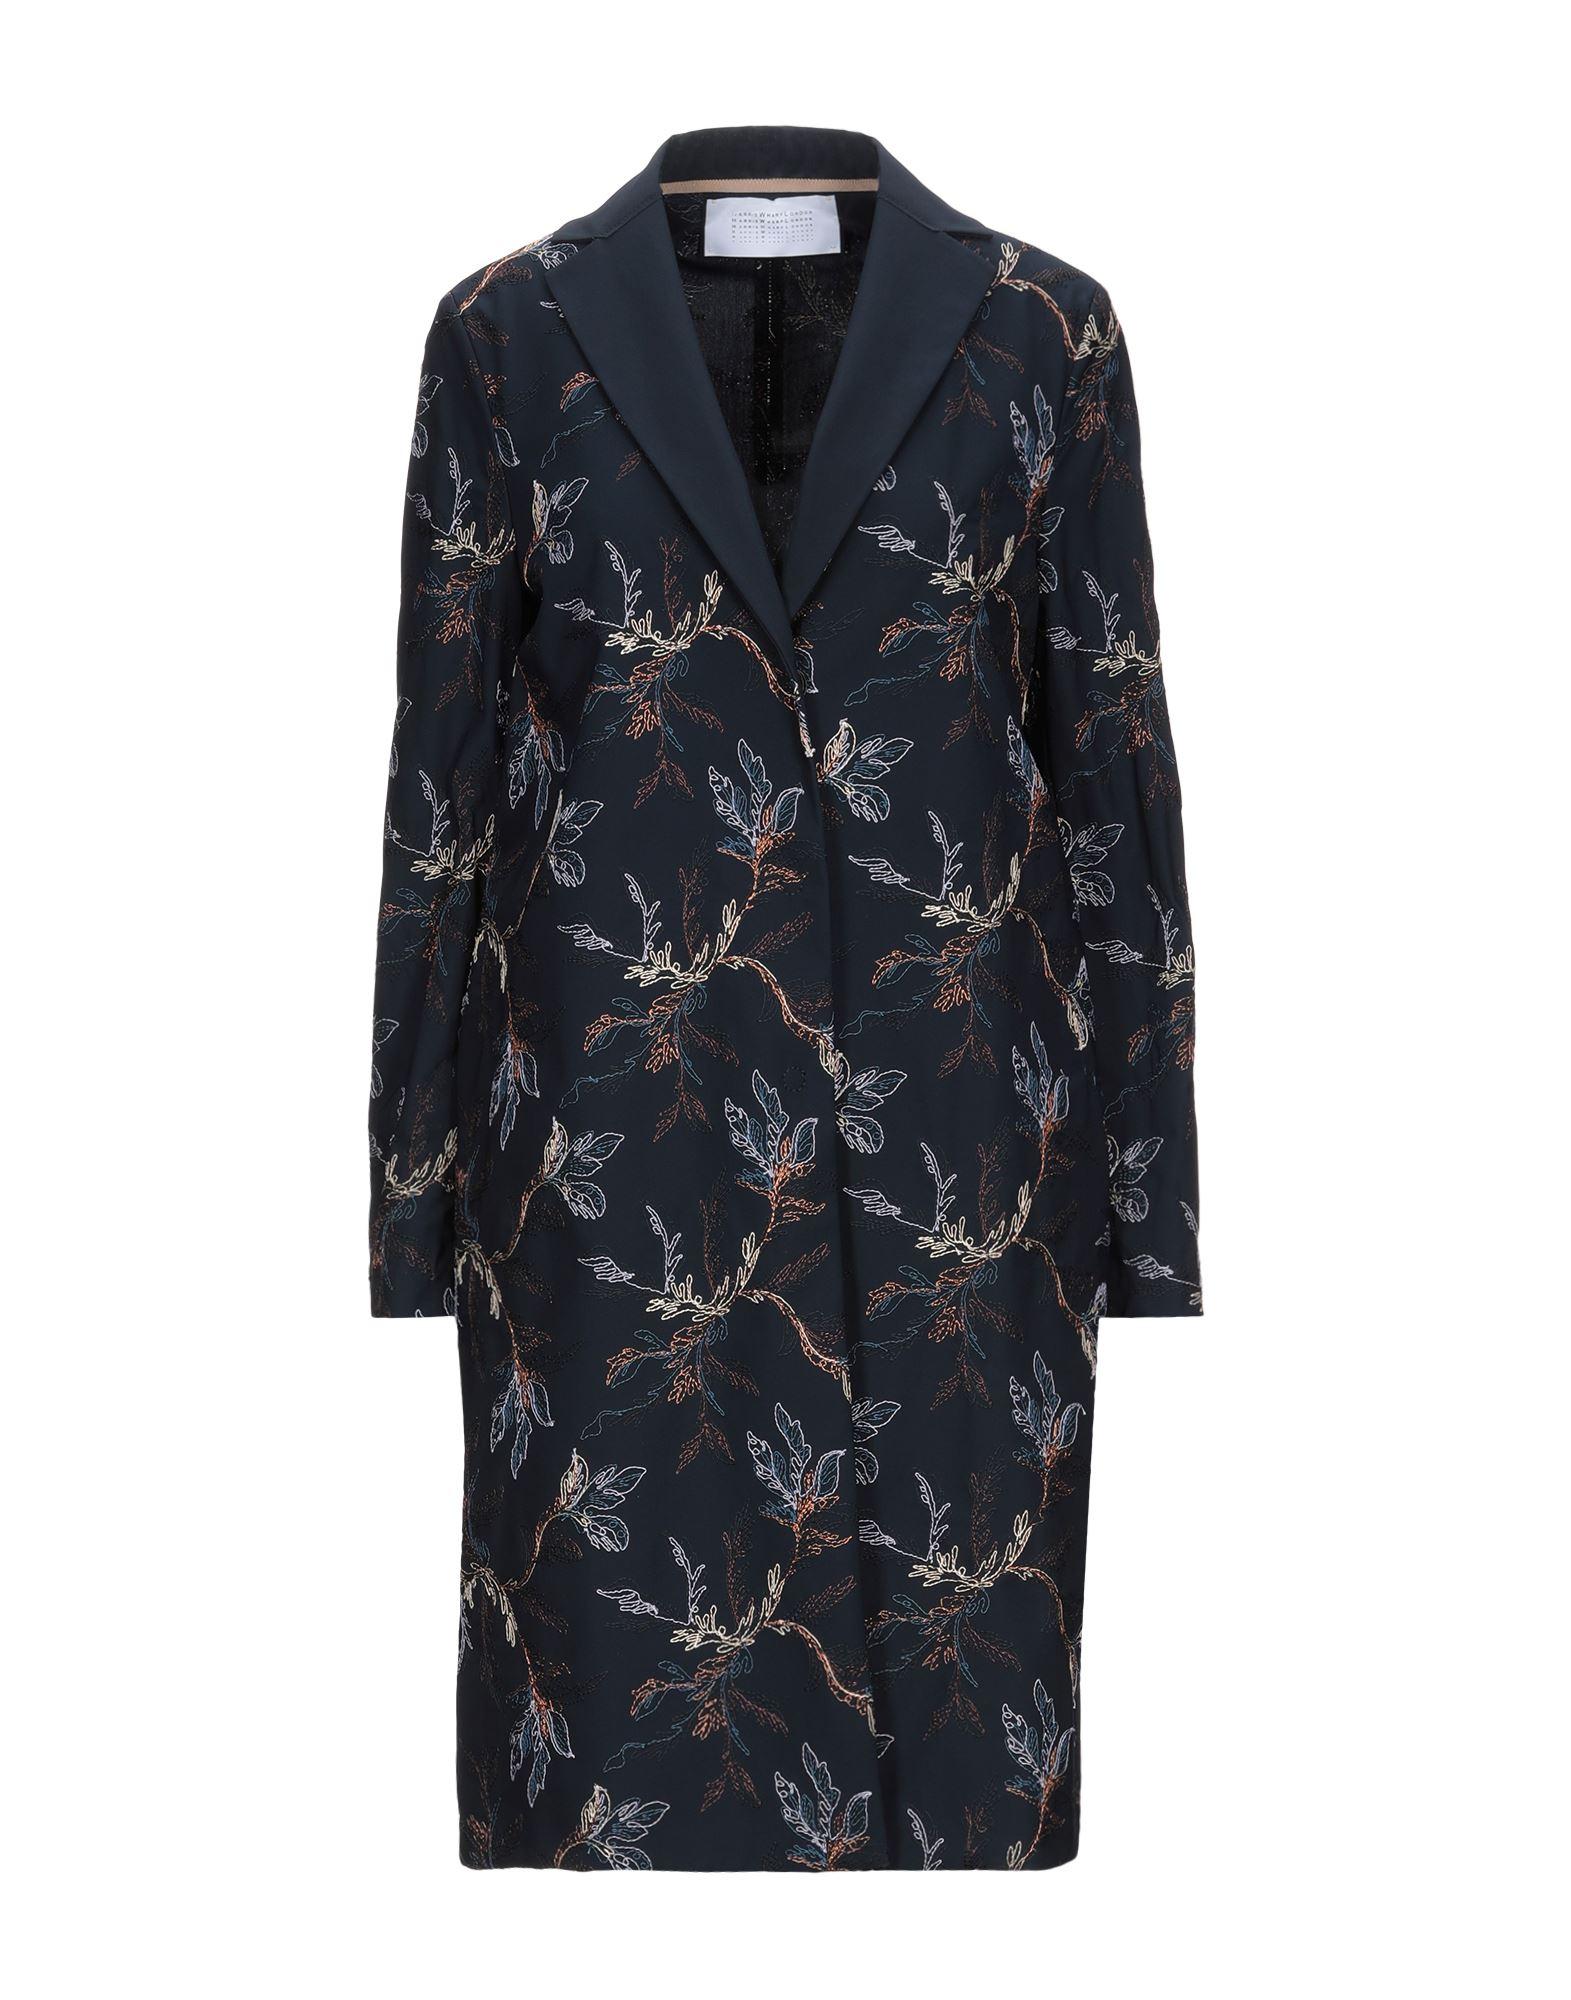 HARRIS WHARF LONDON Легкое пальто flowers london пальто